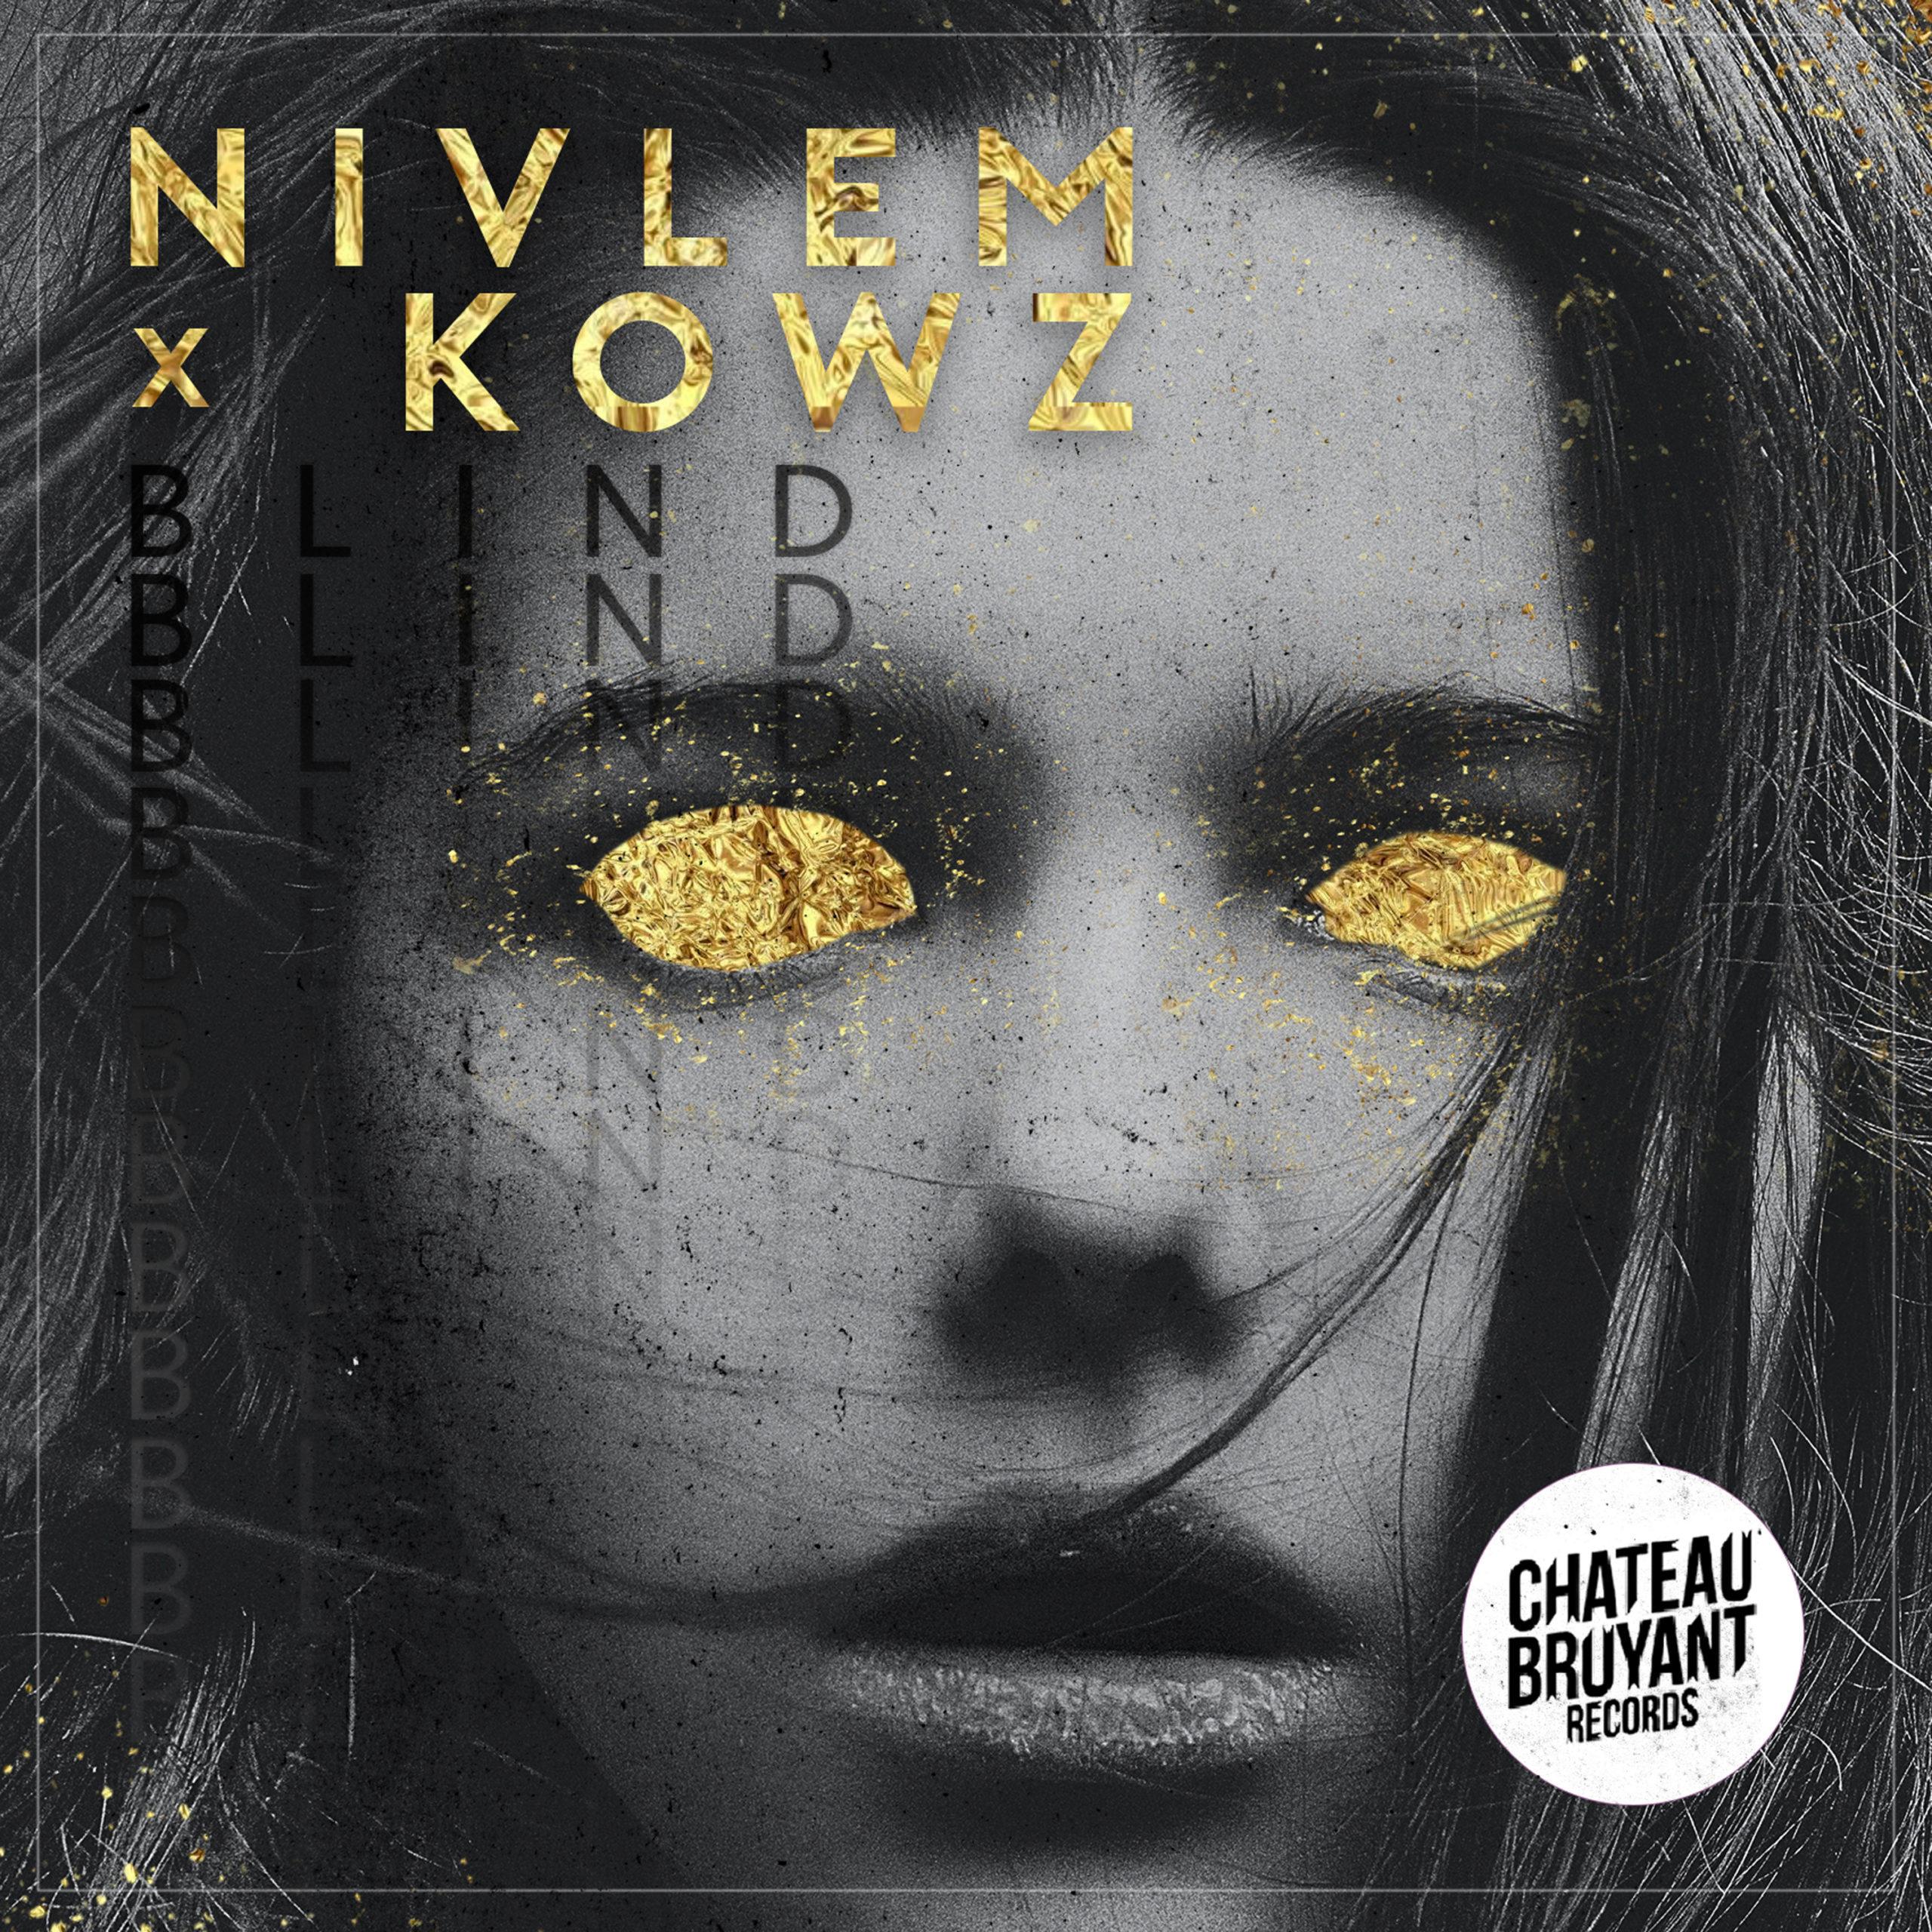 Cover du titre Blind de Nivlem & Kowz du label CHATEAU BRUYANT